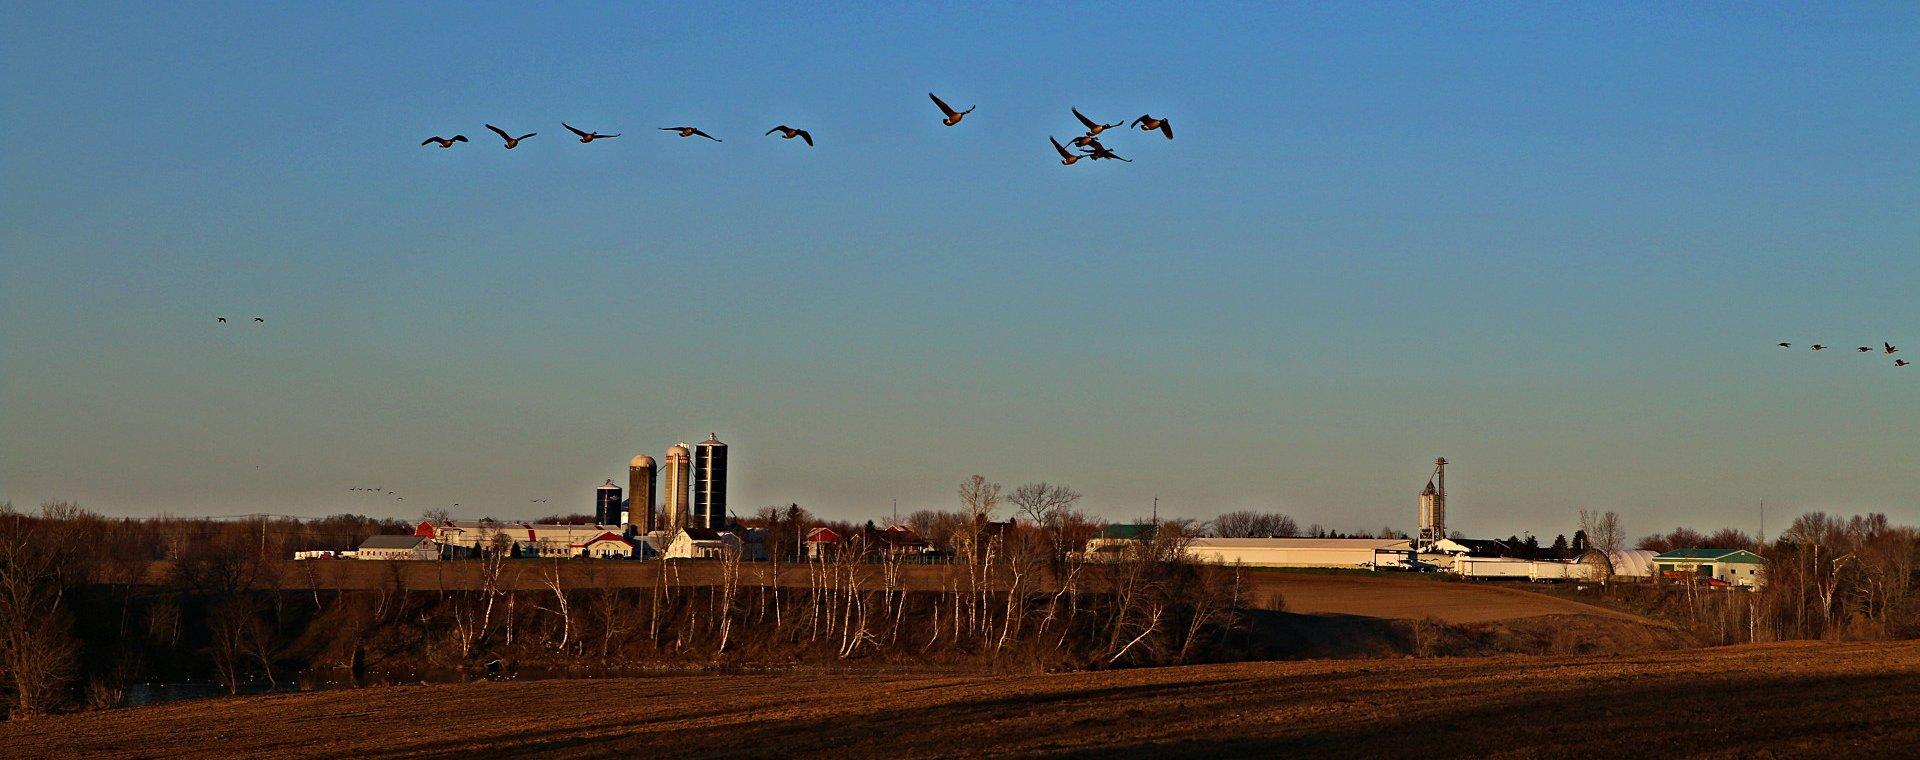 vol d'oiseau fermier